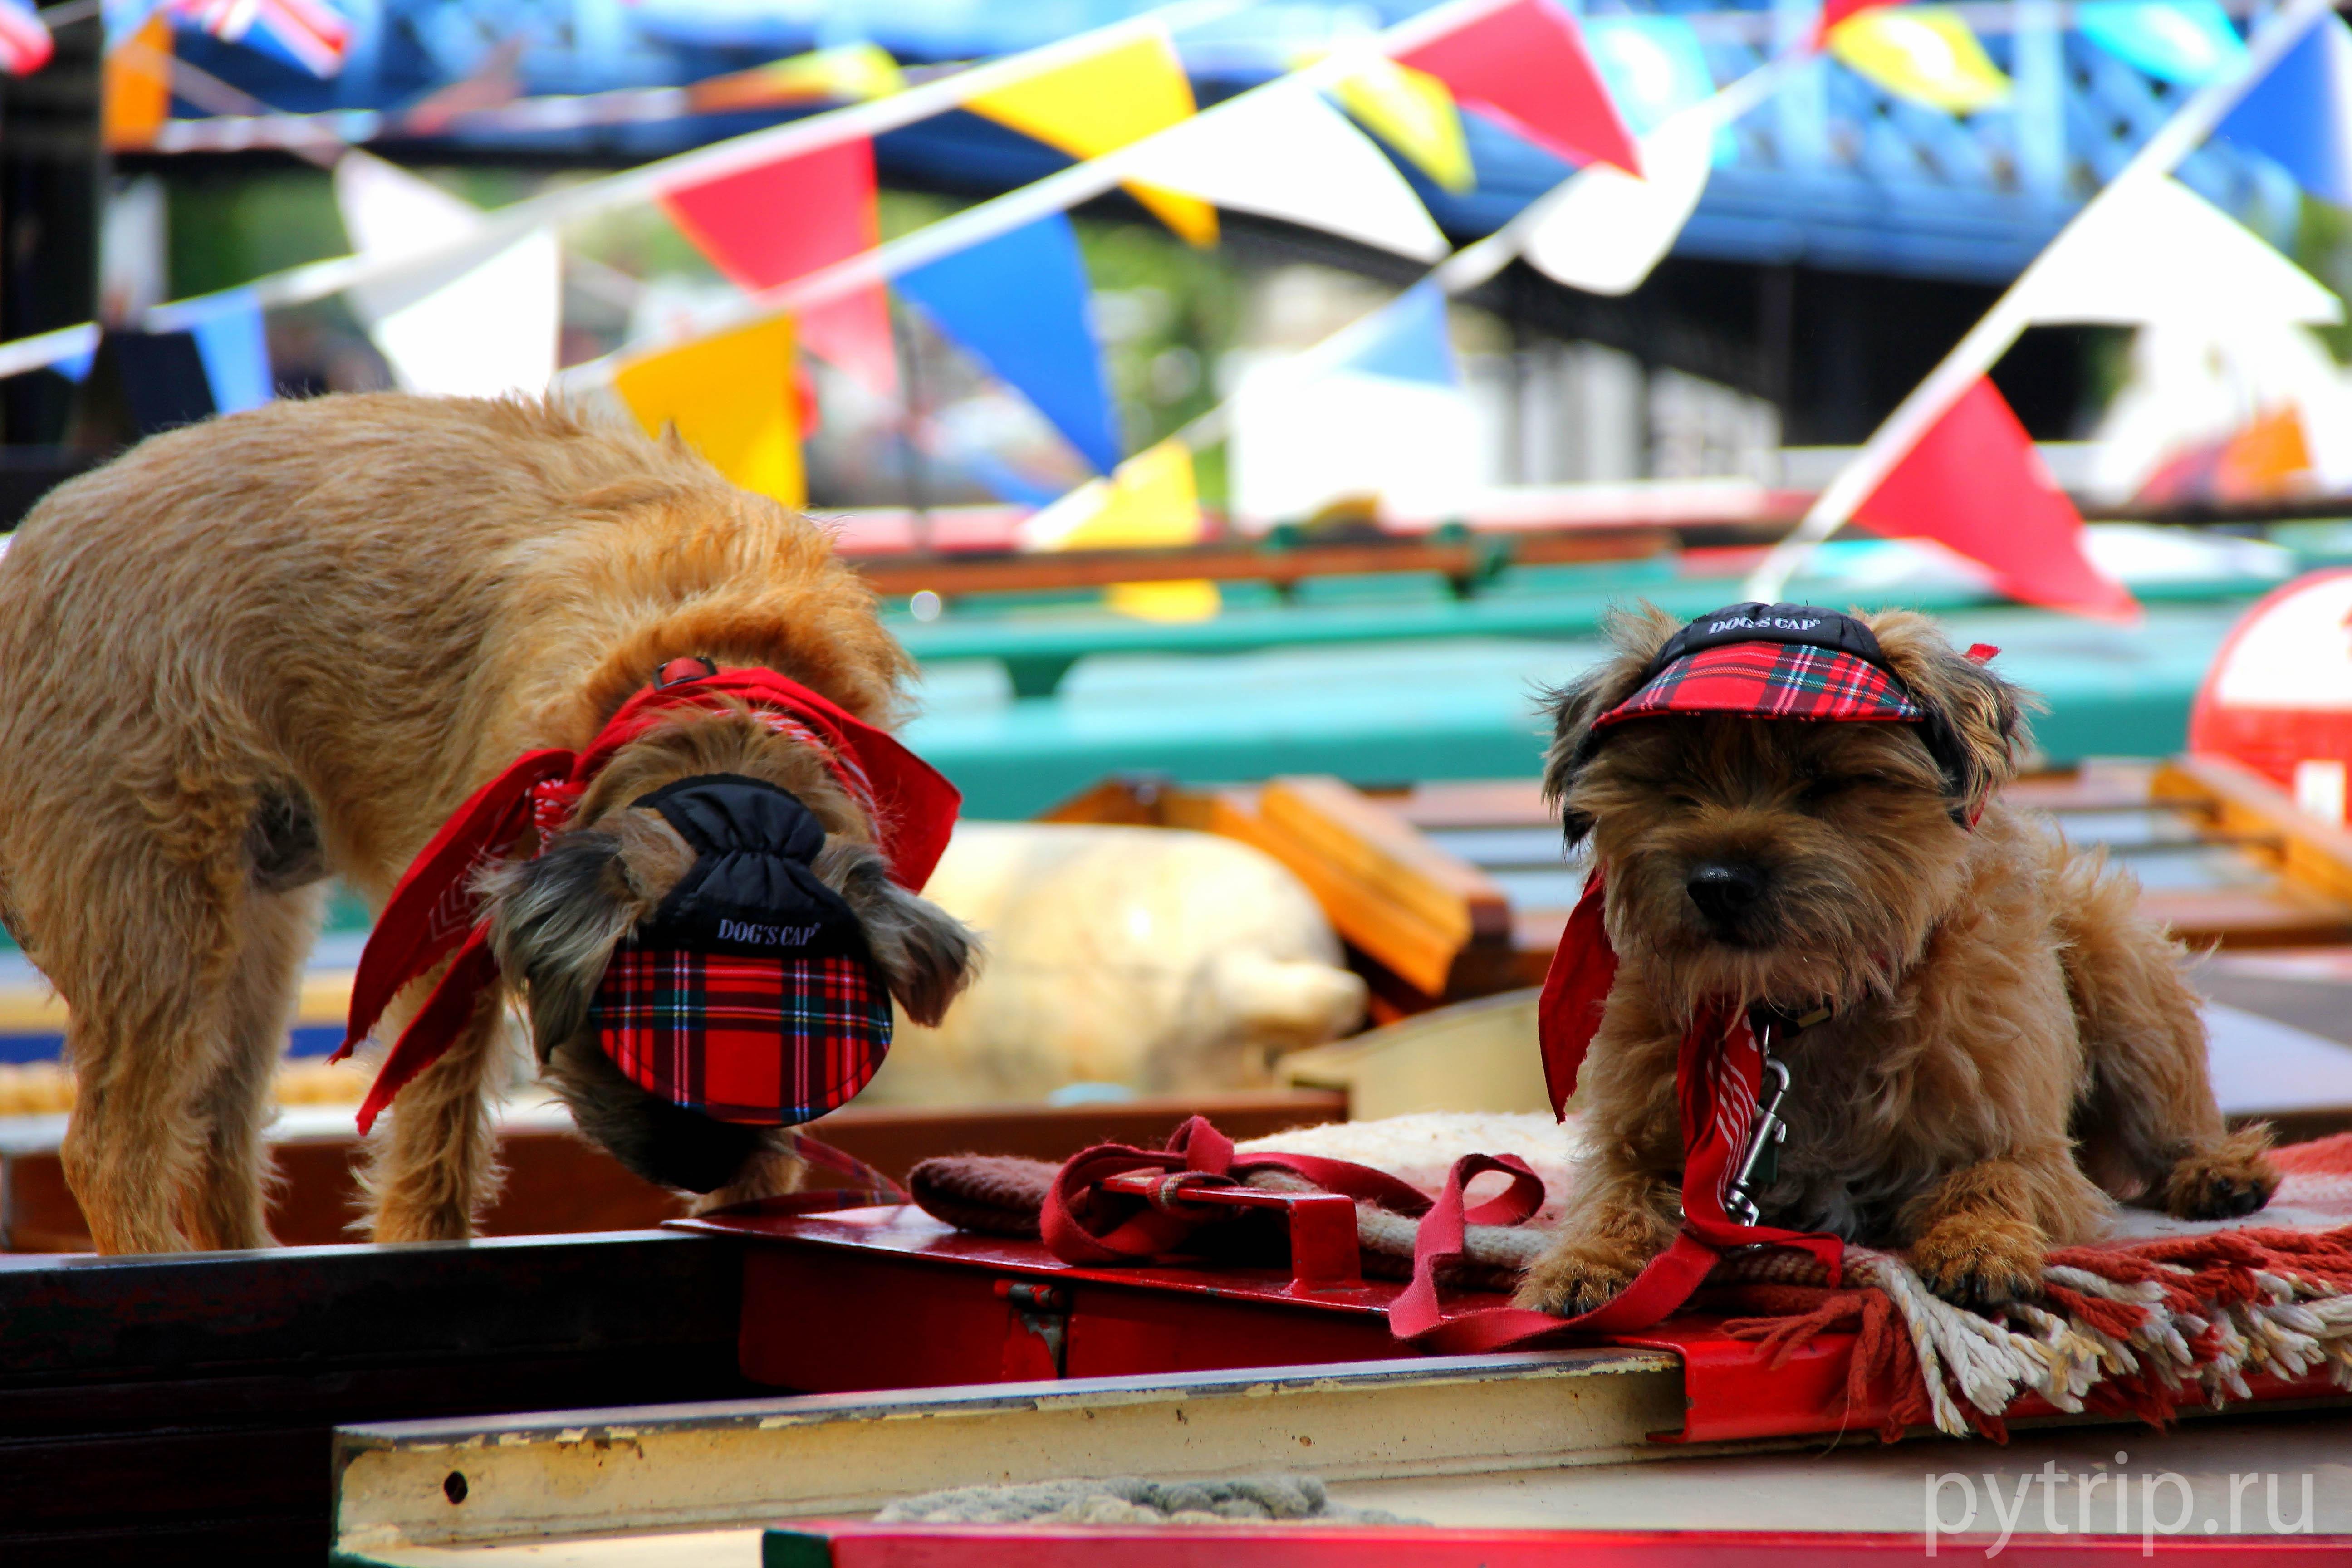 Некоторые жители канала держат собачек, которых также подготовили к фестивалю.